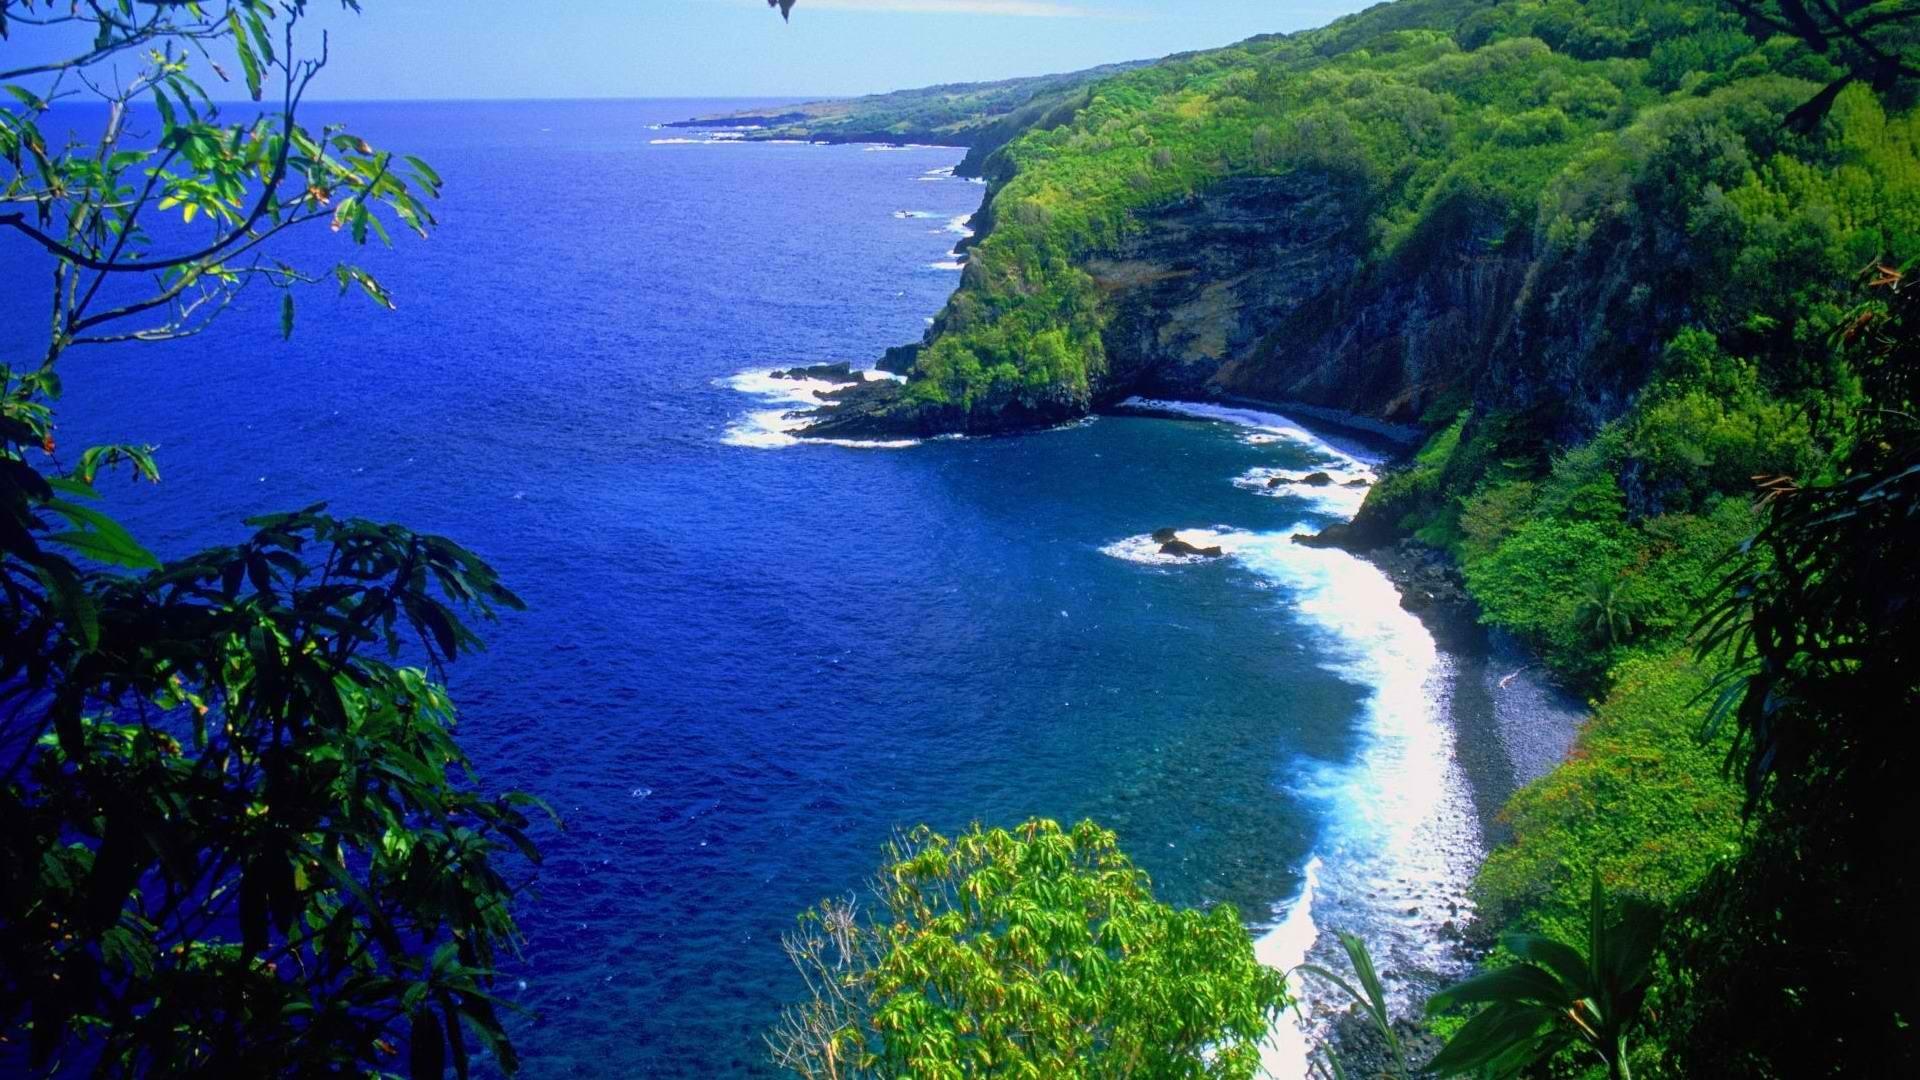 World Hawaii Wallpaper World, Hawaii, Maui, The, Road, End